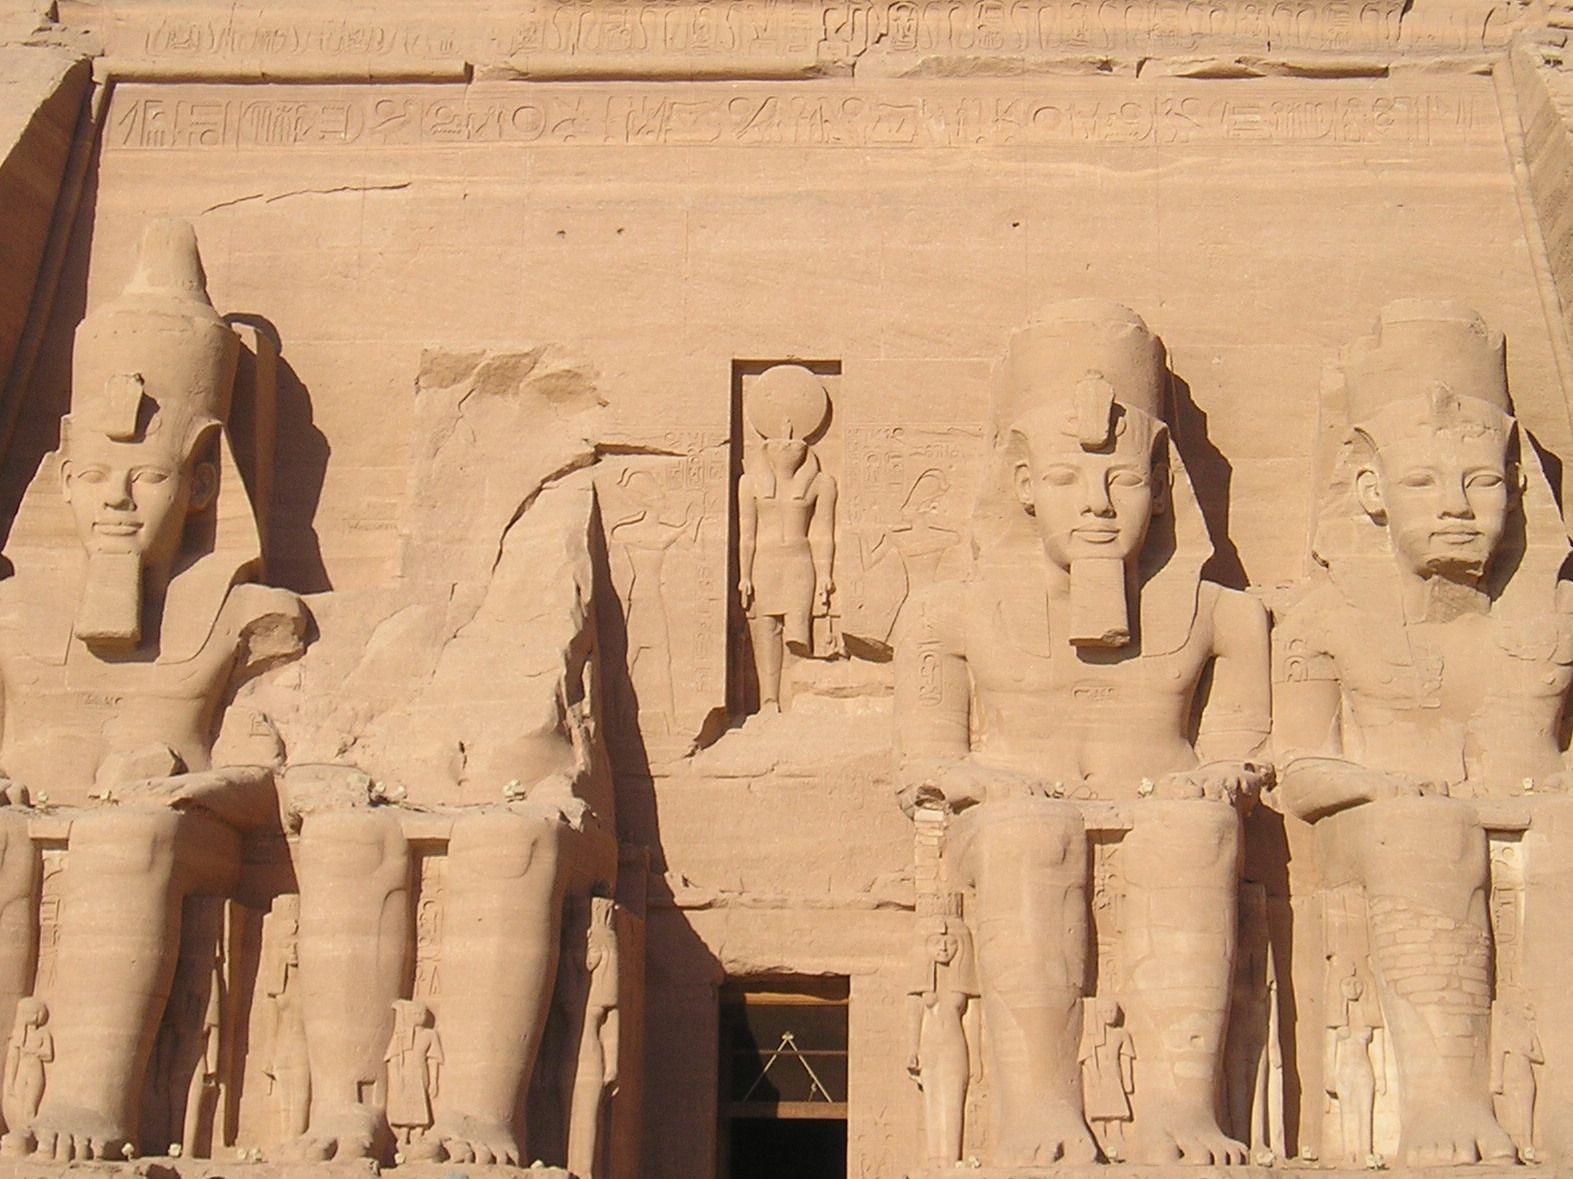 ¿Te gusta la historia, la arqueología? Te llevamos a lugares emblemáticos de la mano de los mejores expertos